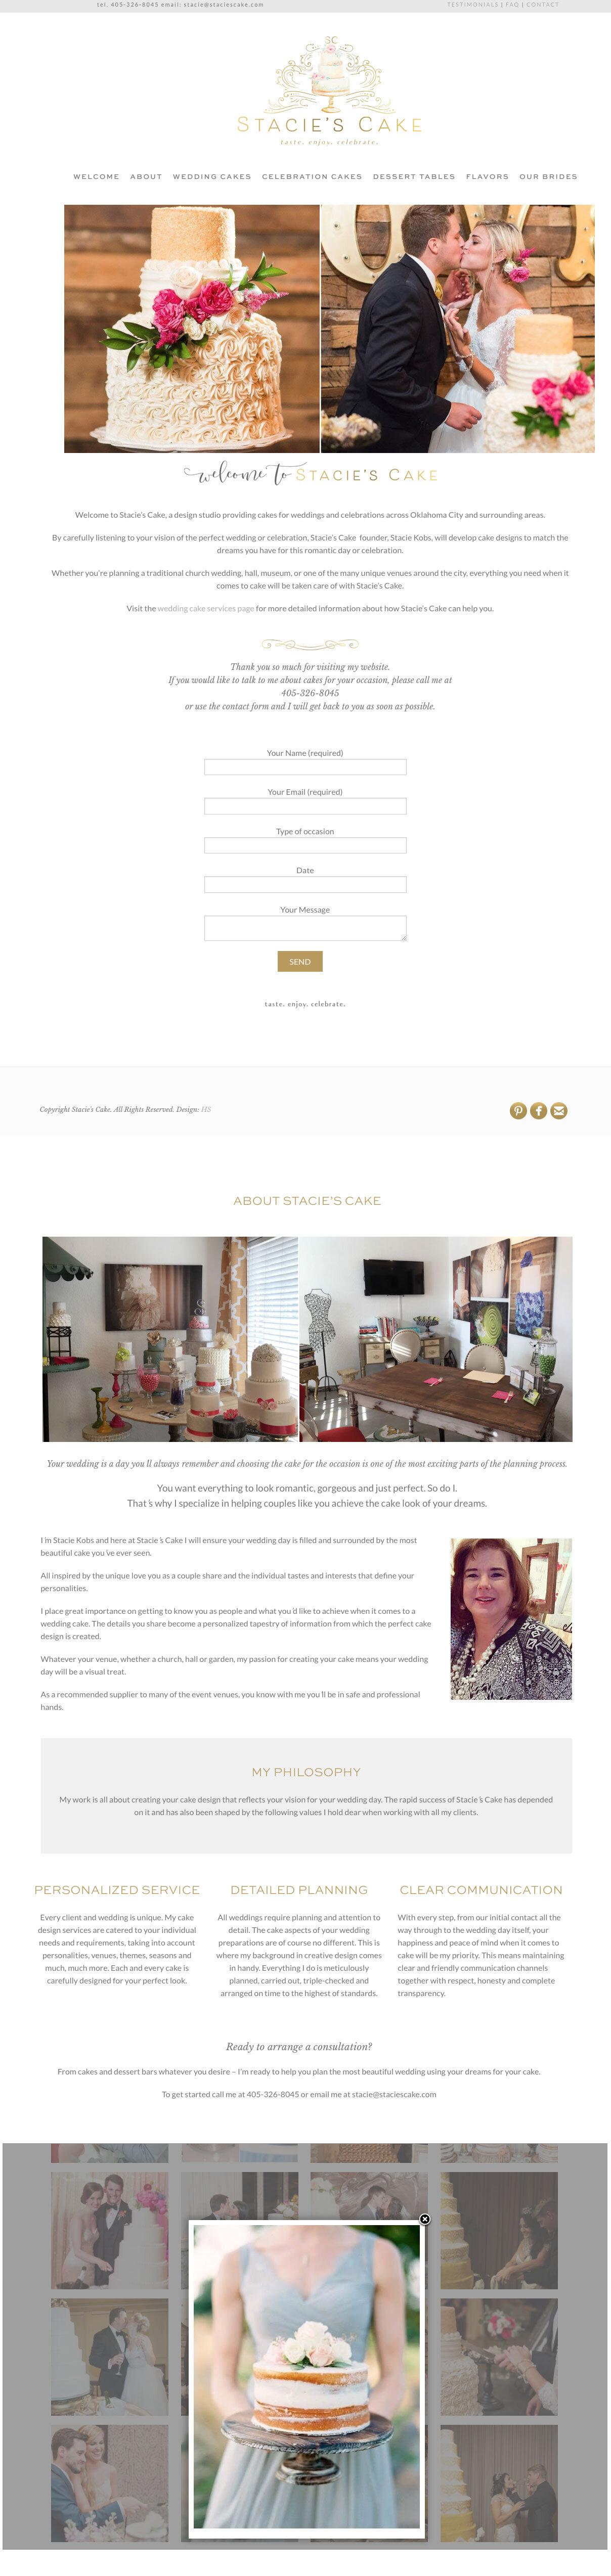 stacies-cake-website.jpg